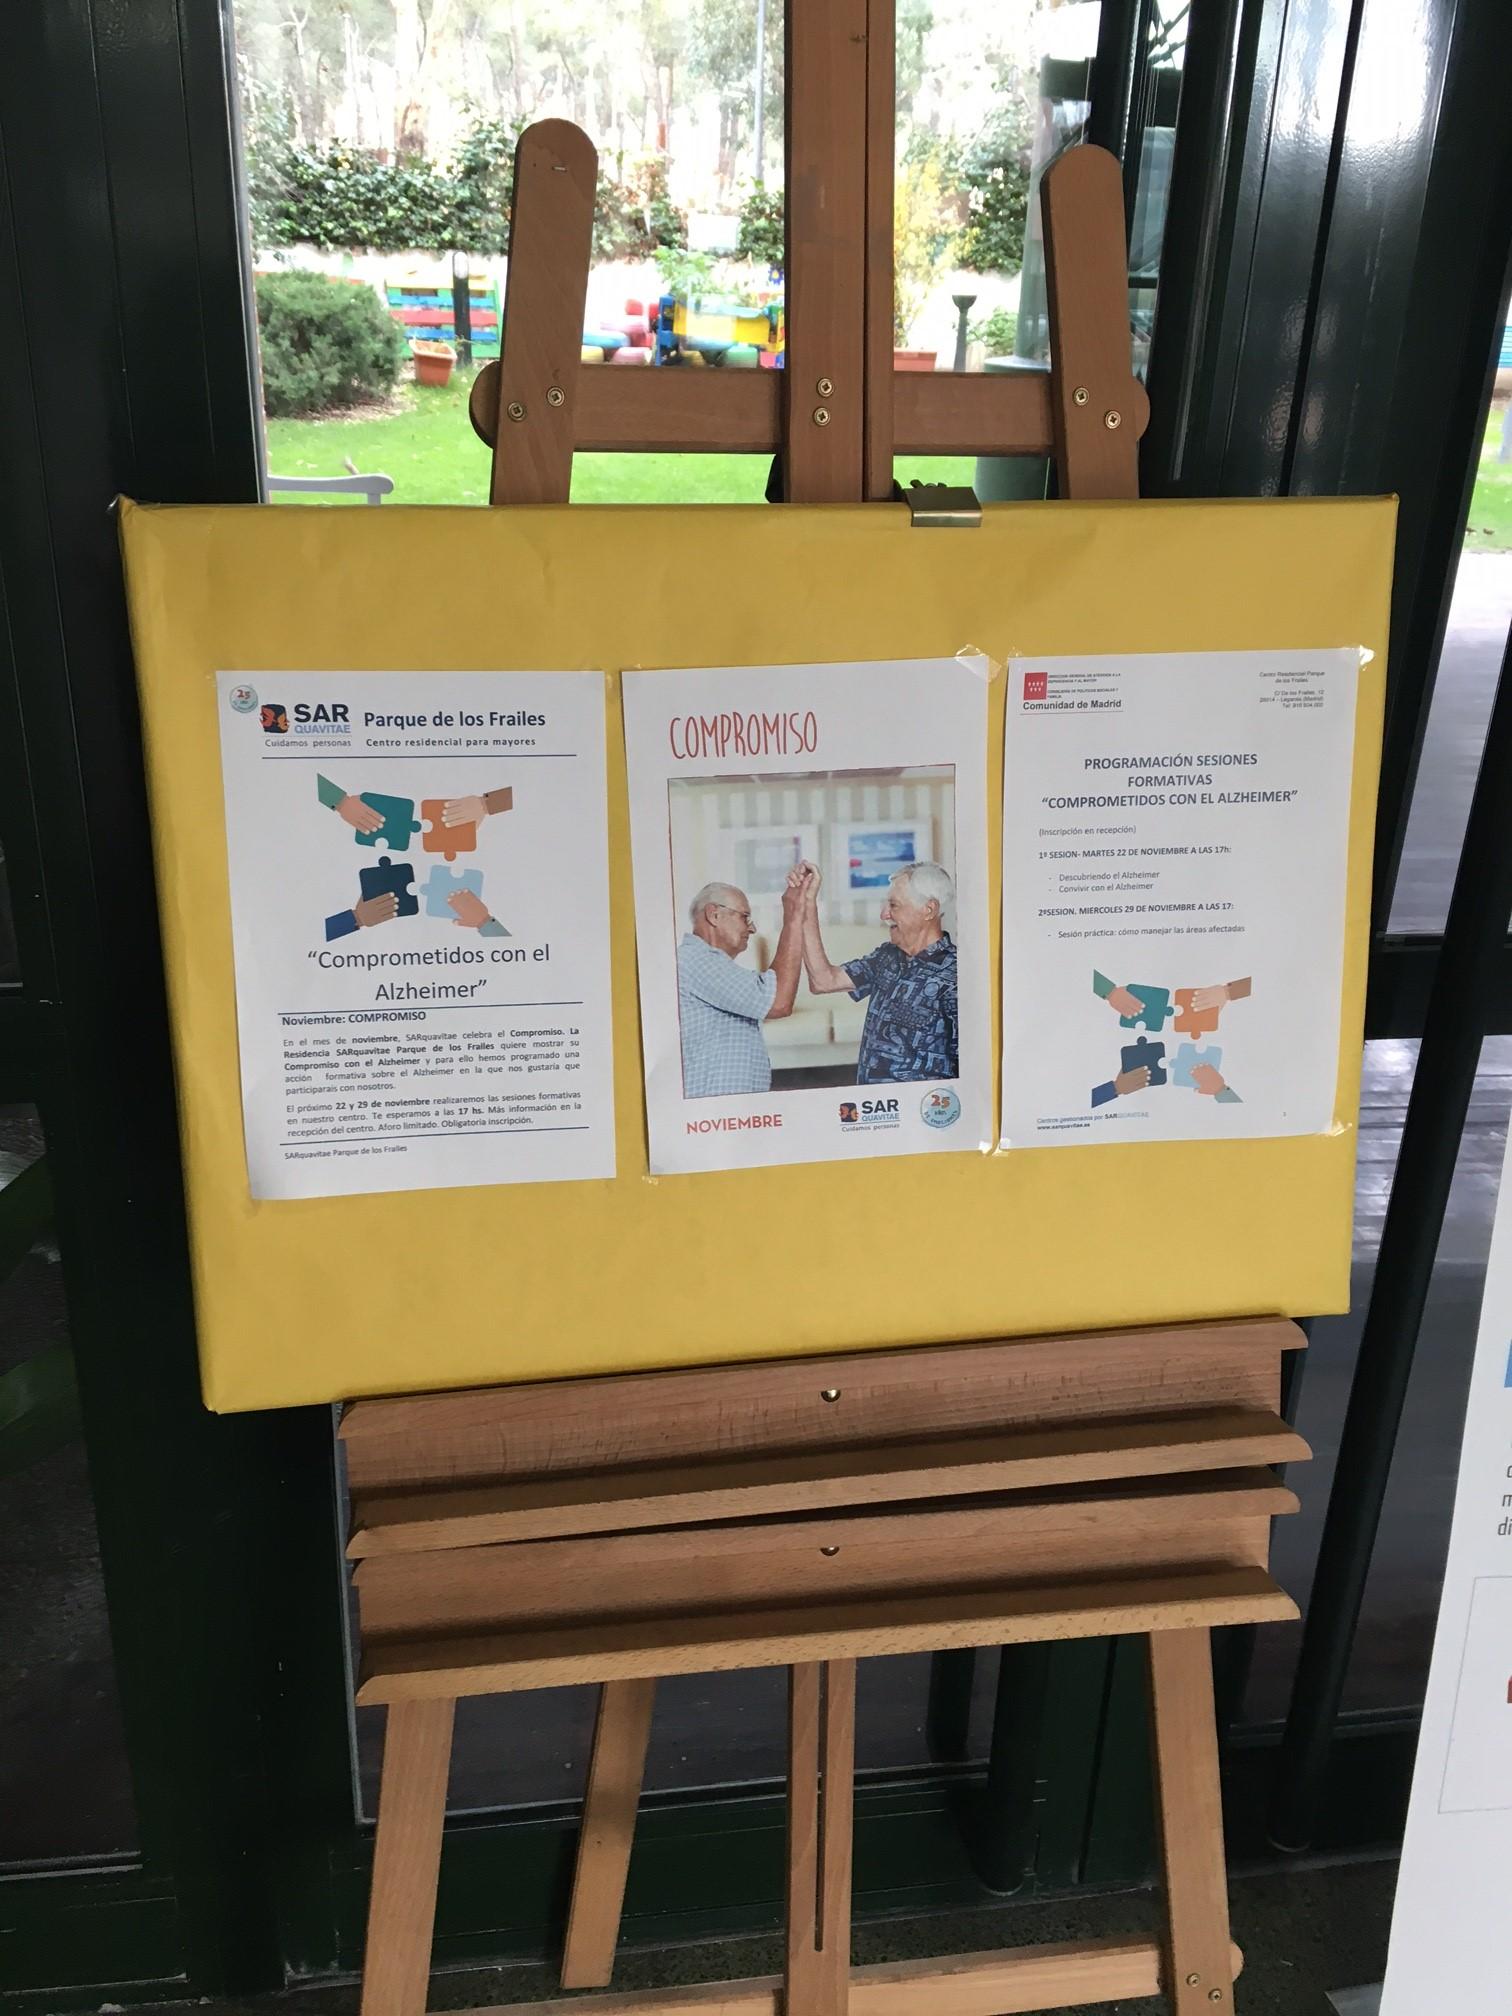 Parque Frailes Comprometidos con Alzheimer (1)